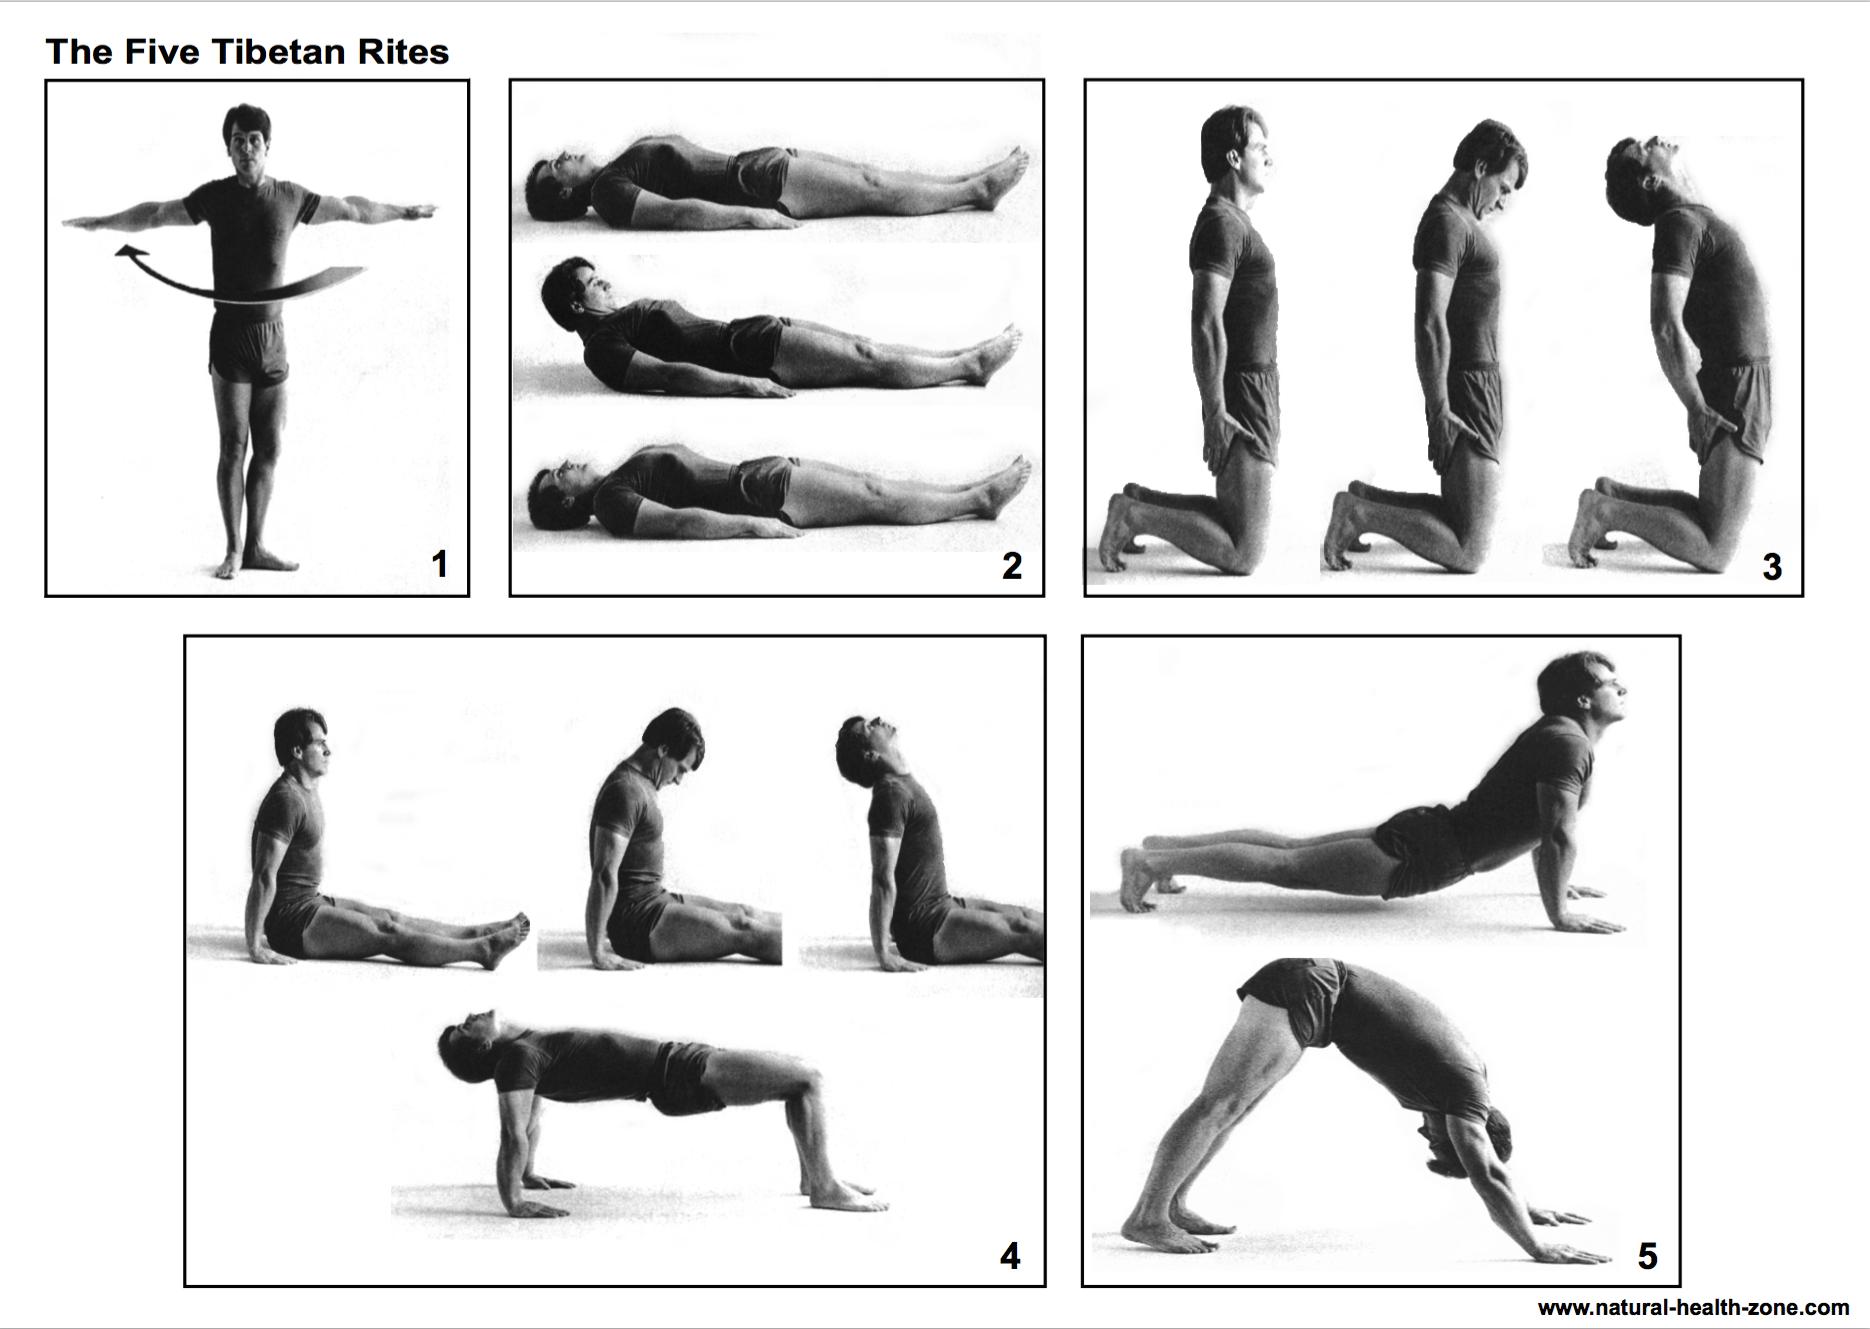 пять тибетских жемчужин упражнения картинки съемках